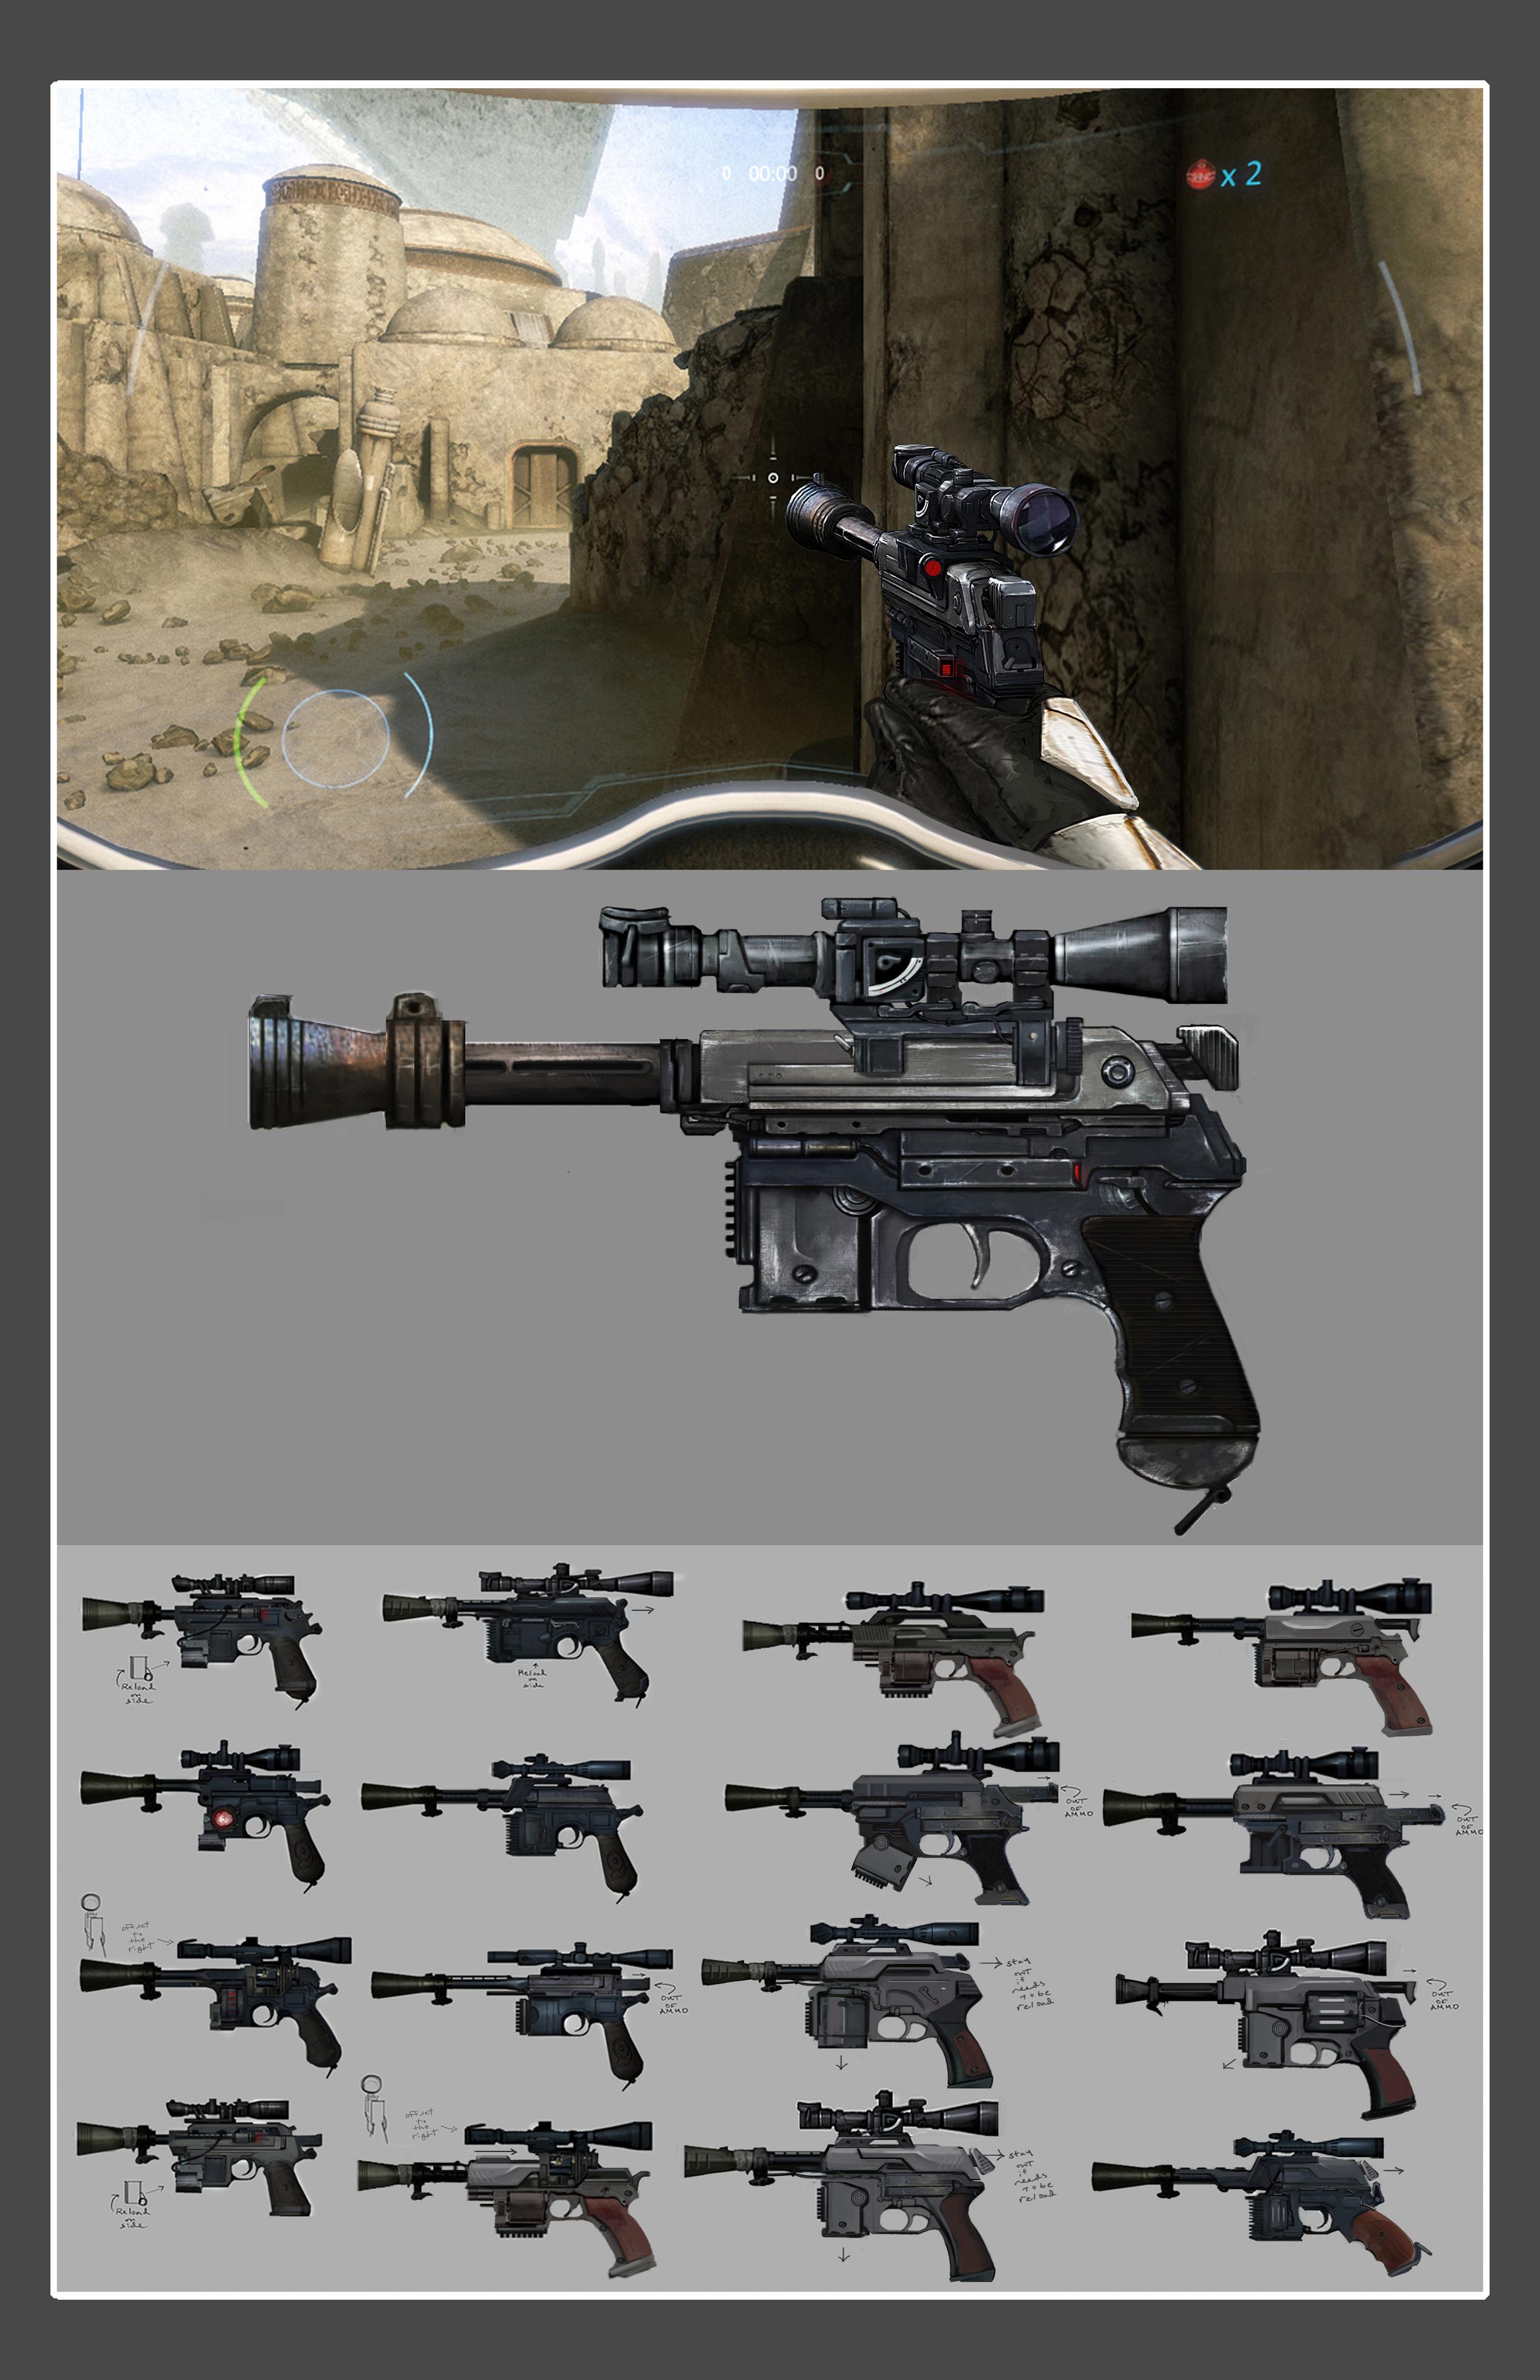 pistola.jpg